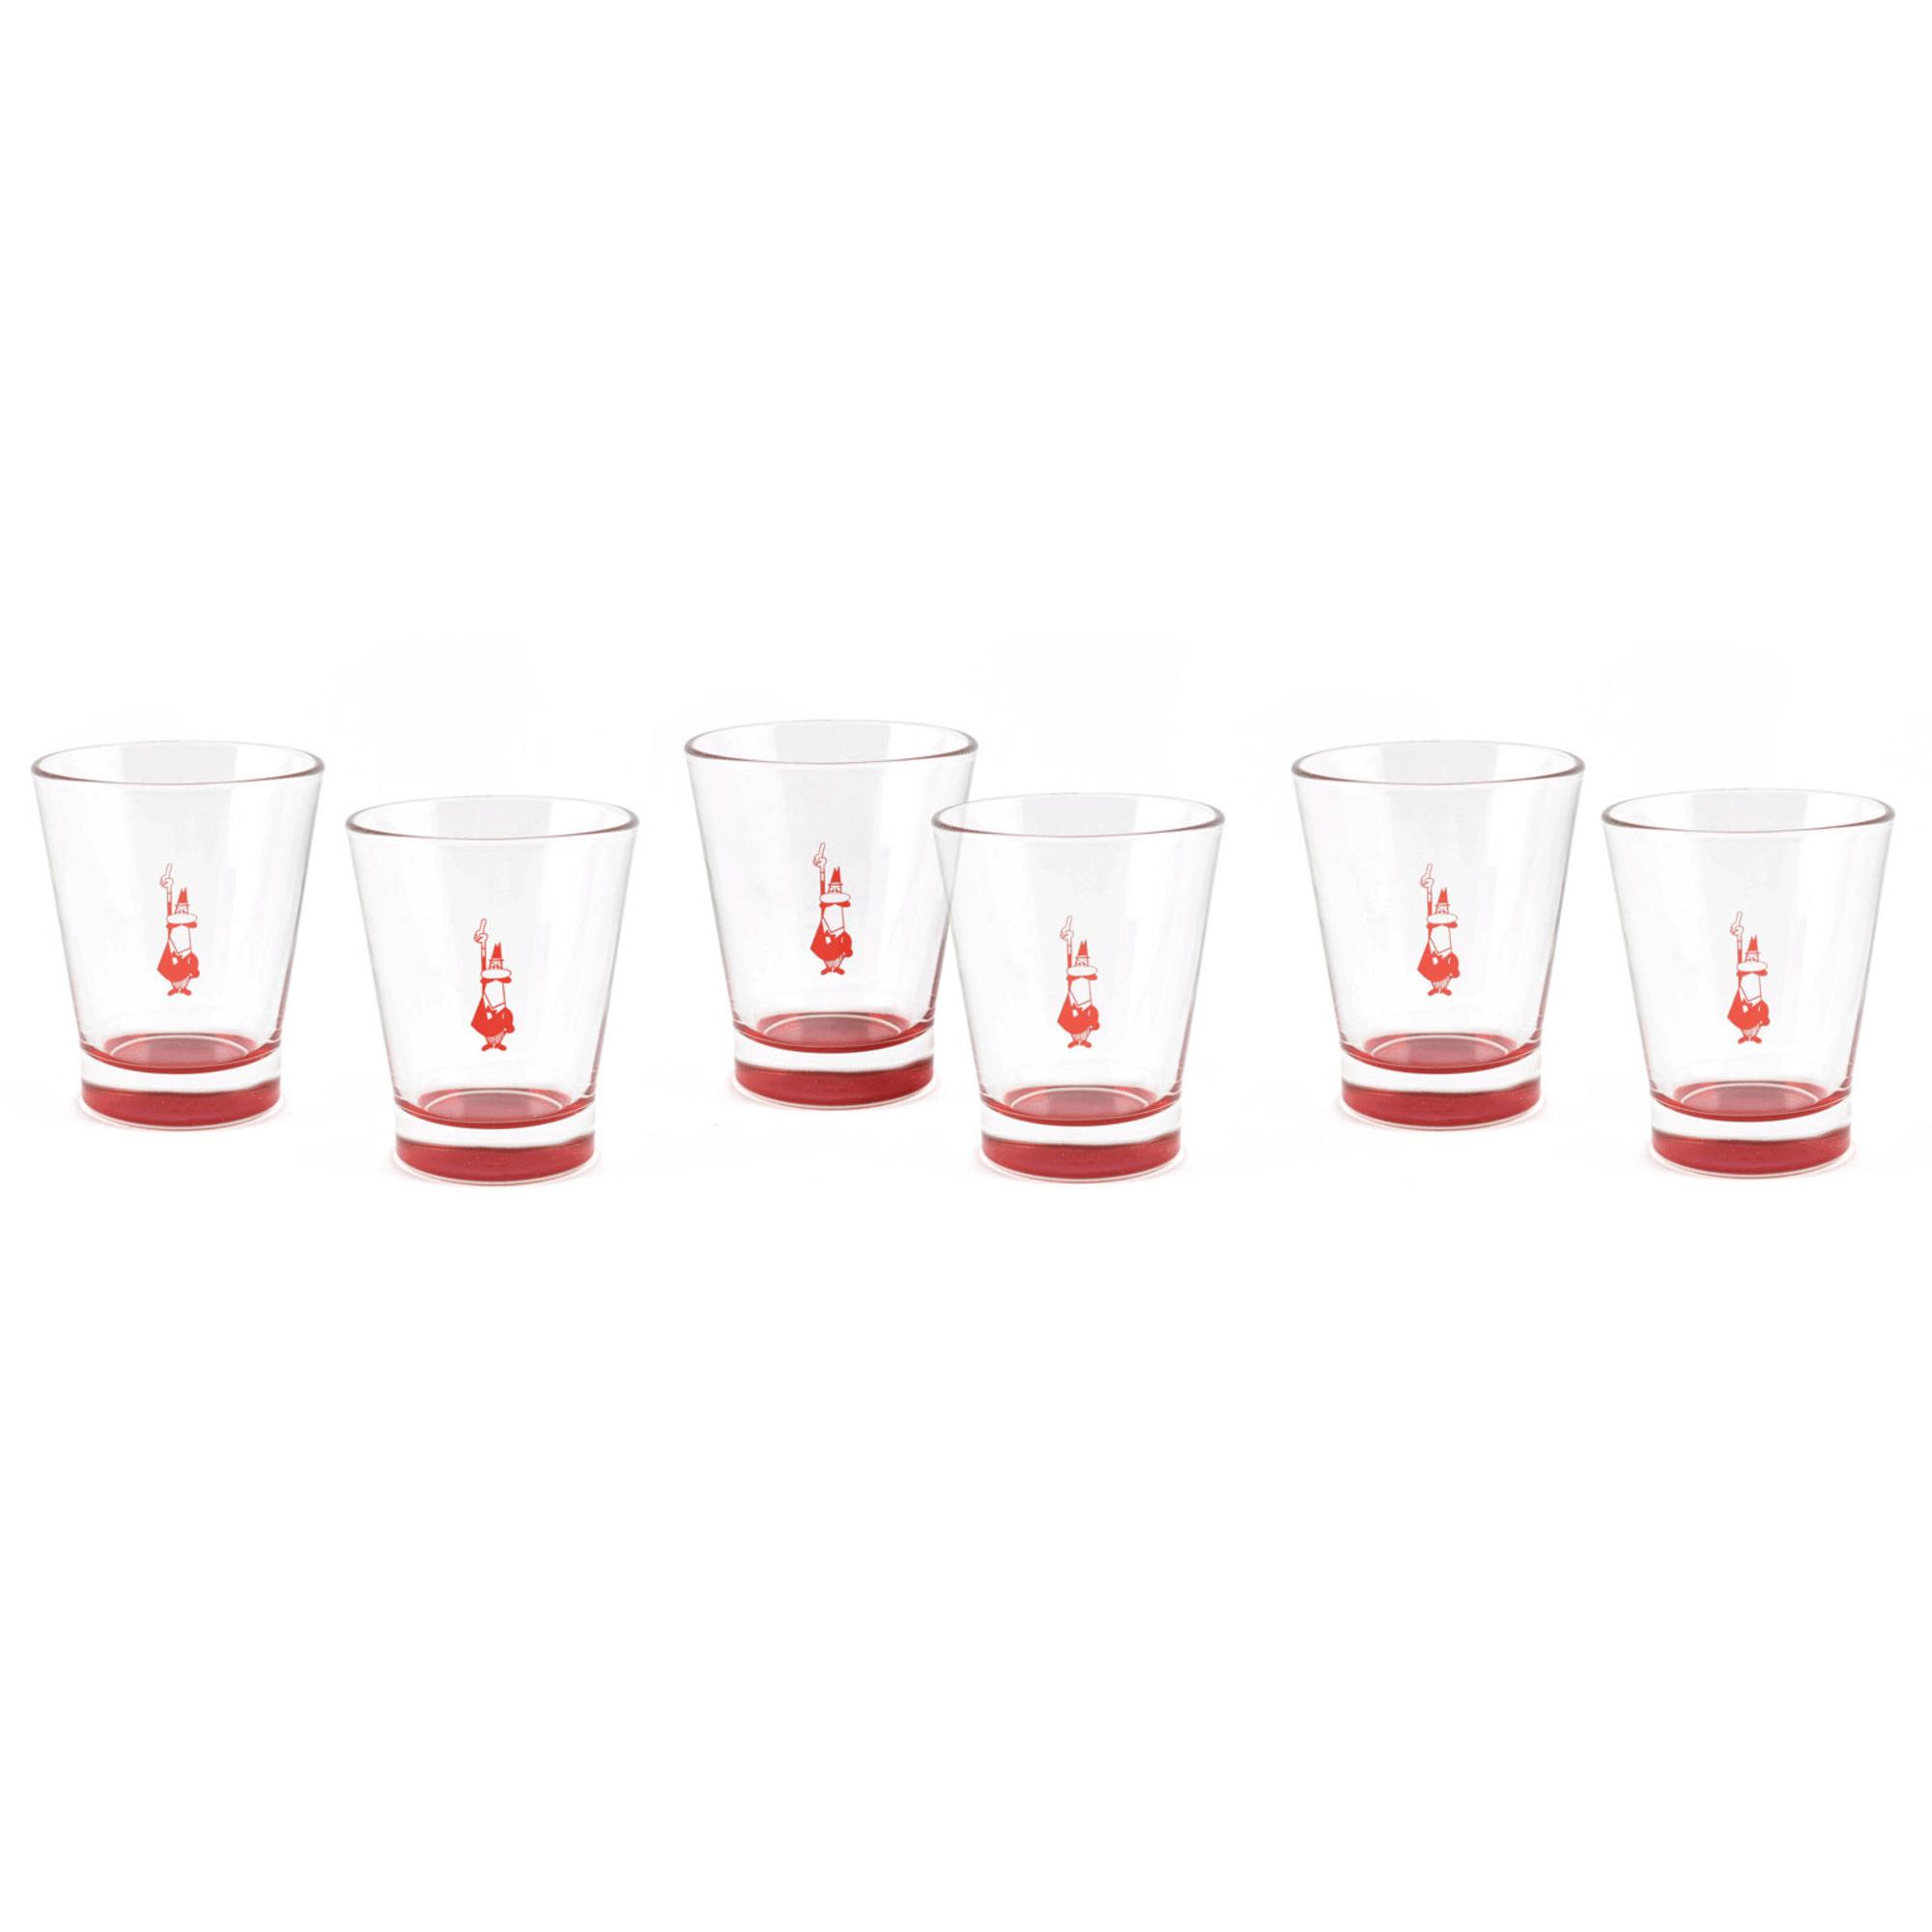 Bialetti Espressoglas Röd 6-pack